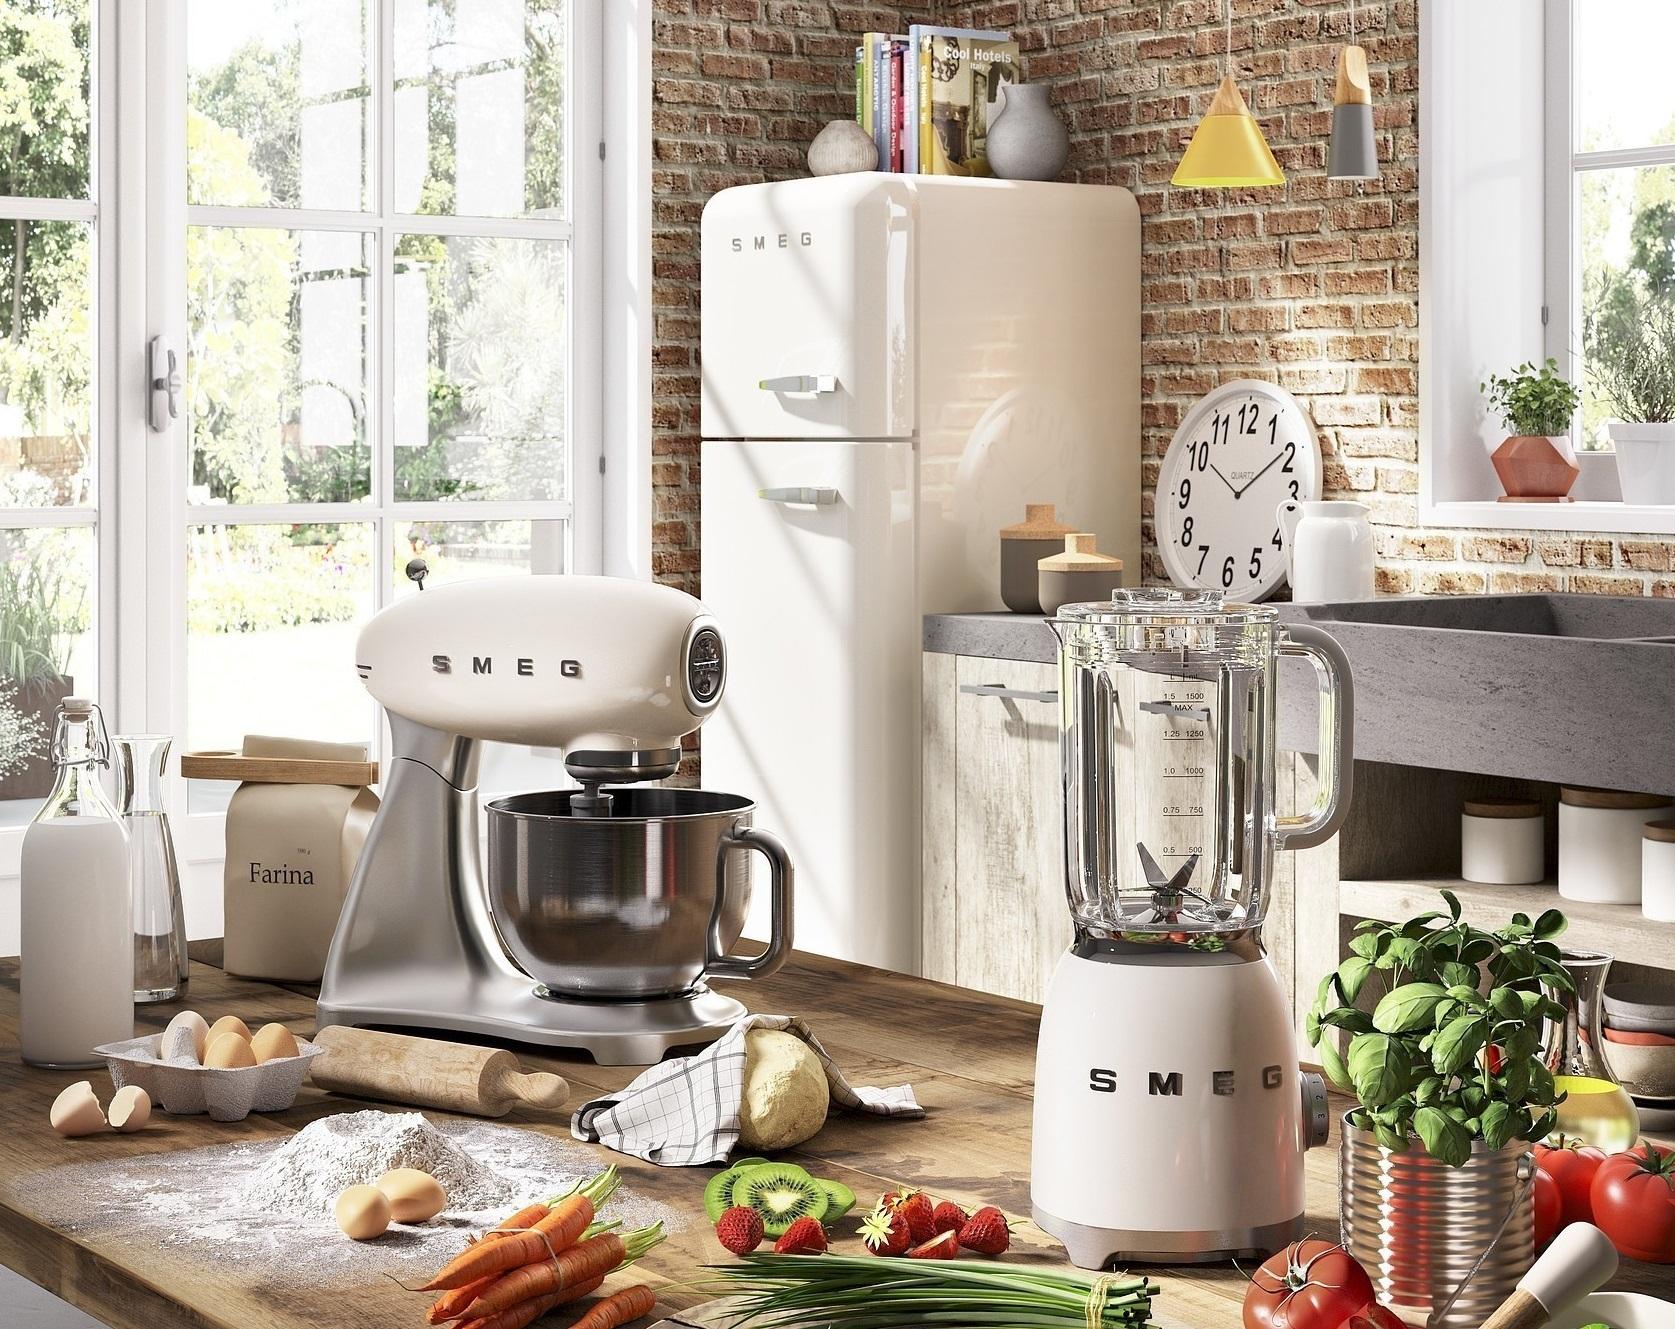 Кухонная бытовая техника: эконом, средний класс или люкс?